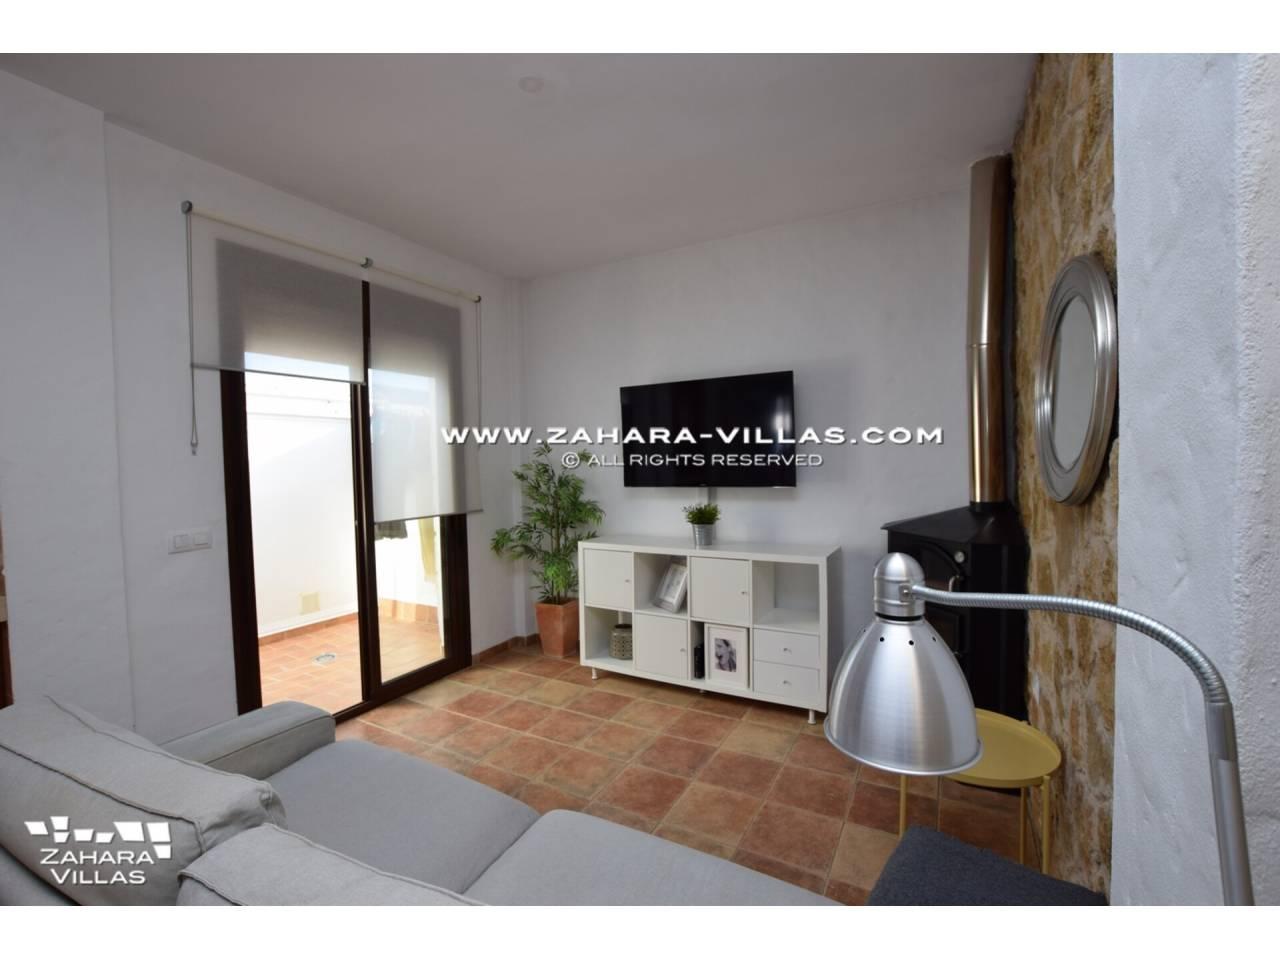 Imagen 32 de Haus zum verkauf in Zahara de los Atunes